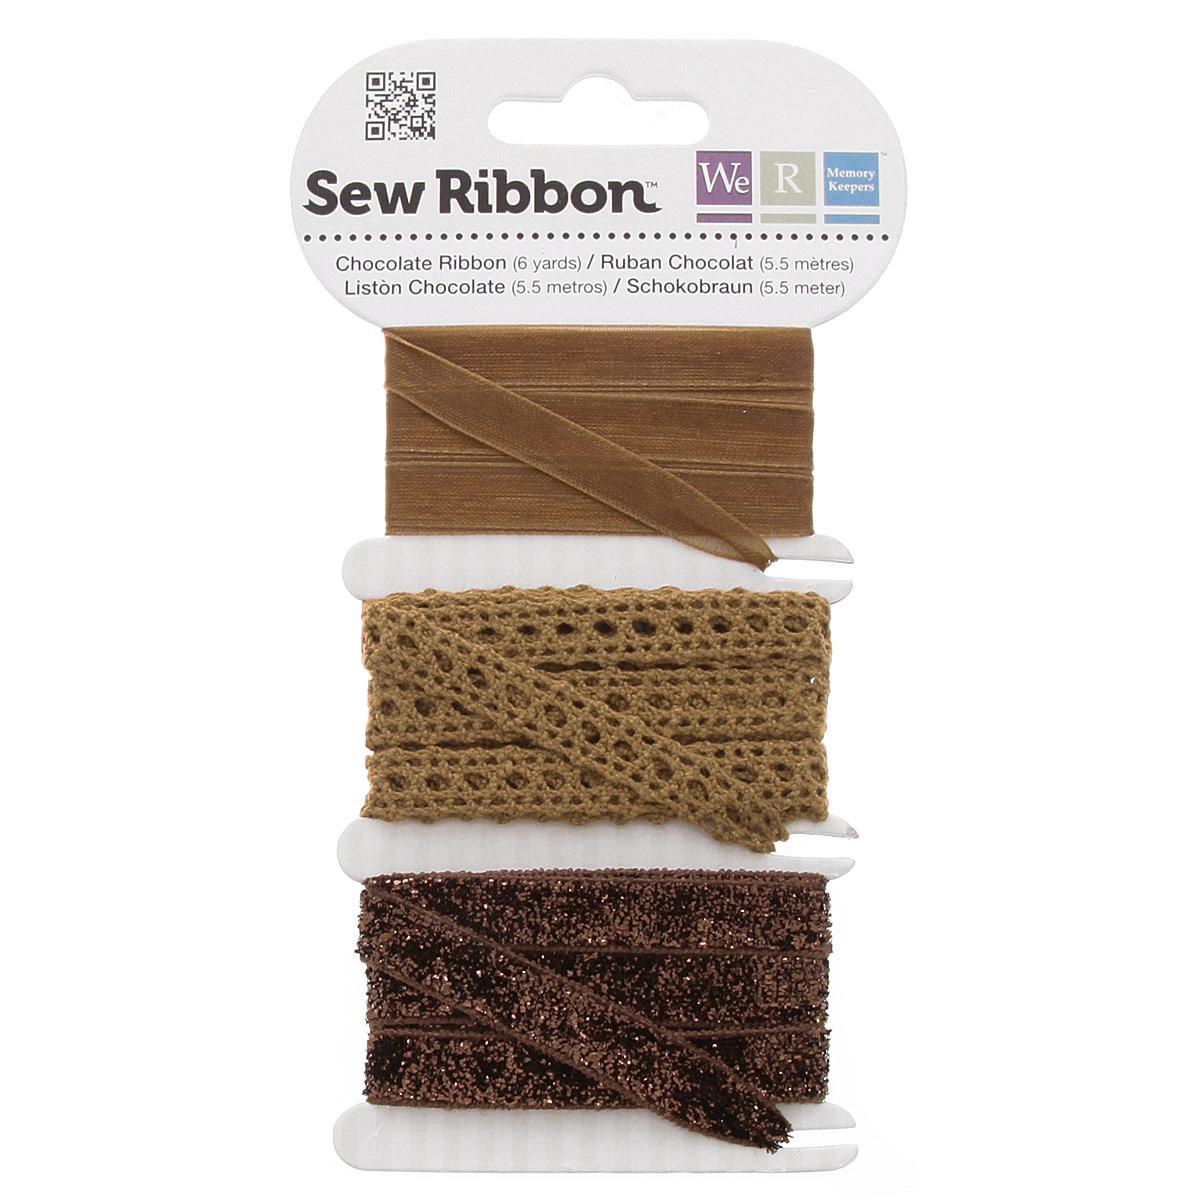 Набор лент We R Sew Ribbon, цвет: шоколад, 1,8 м, 3 шт71227-5Набор We R Sew Ribbon включает 3 декоративные ленты с различной текстурой и декором. Такие ленты идеально подойдут для оформления различных творческих работ таких, как скрапбукинг, аппликация, декор коробок, открыток и многое другое. Ленты наивысшего качества практичны в использовании. Они станут незаменимым элементом в создании рукотворного шедевра. Ширина: 1 см. Длина ленты: 1,8 м.